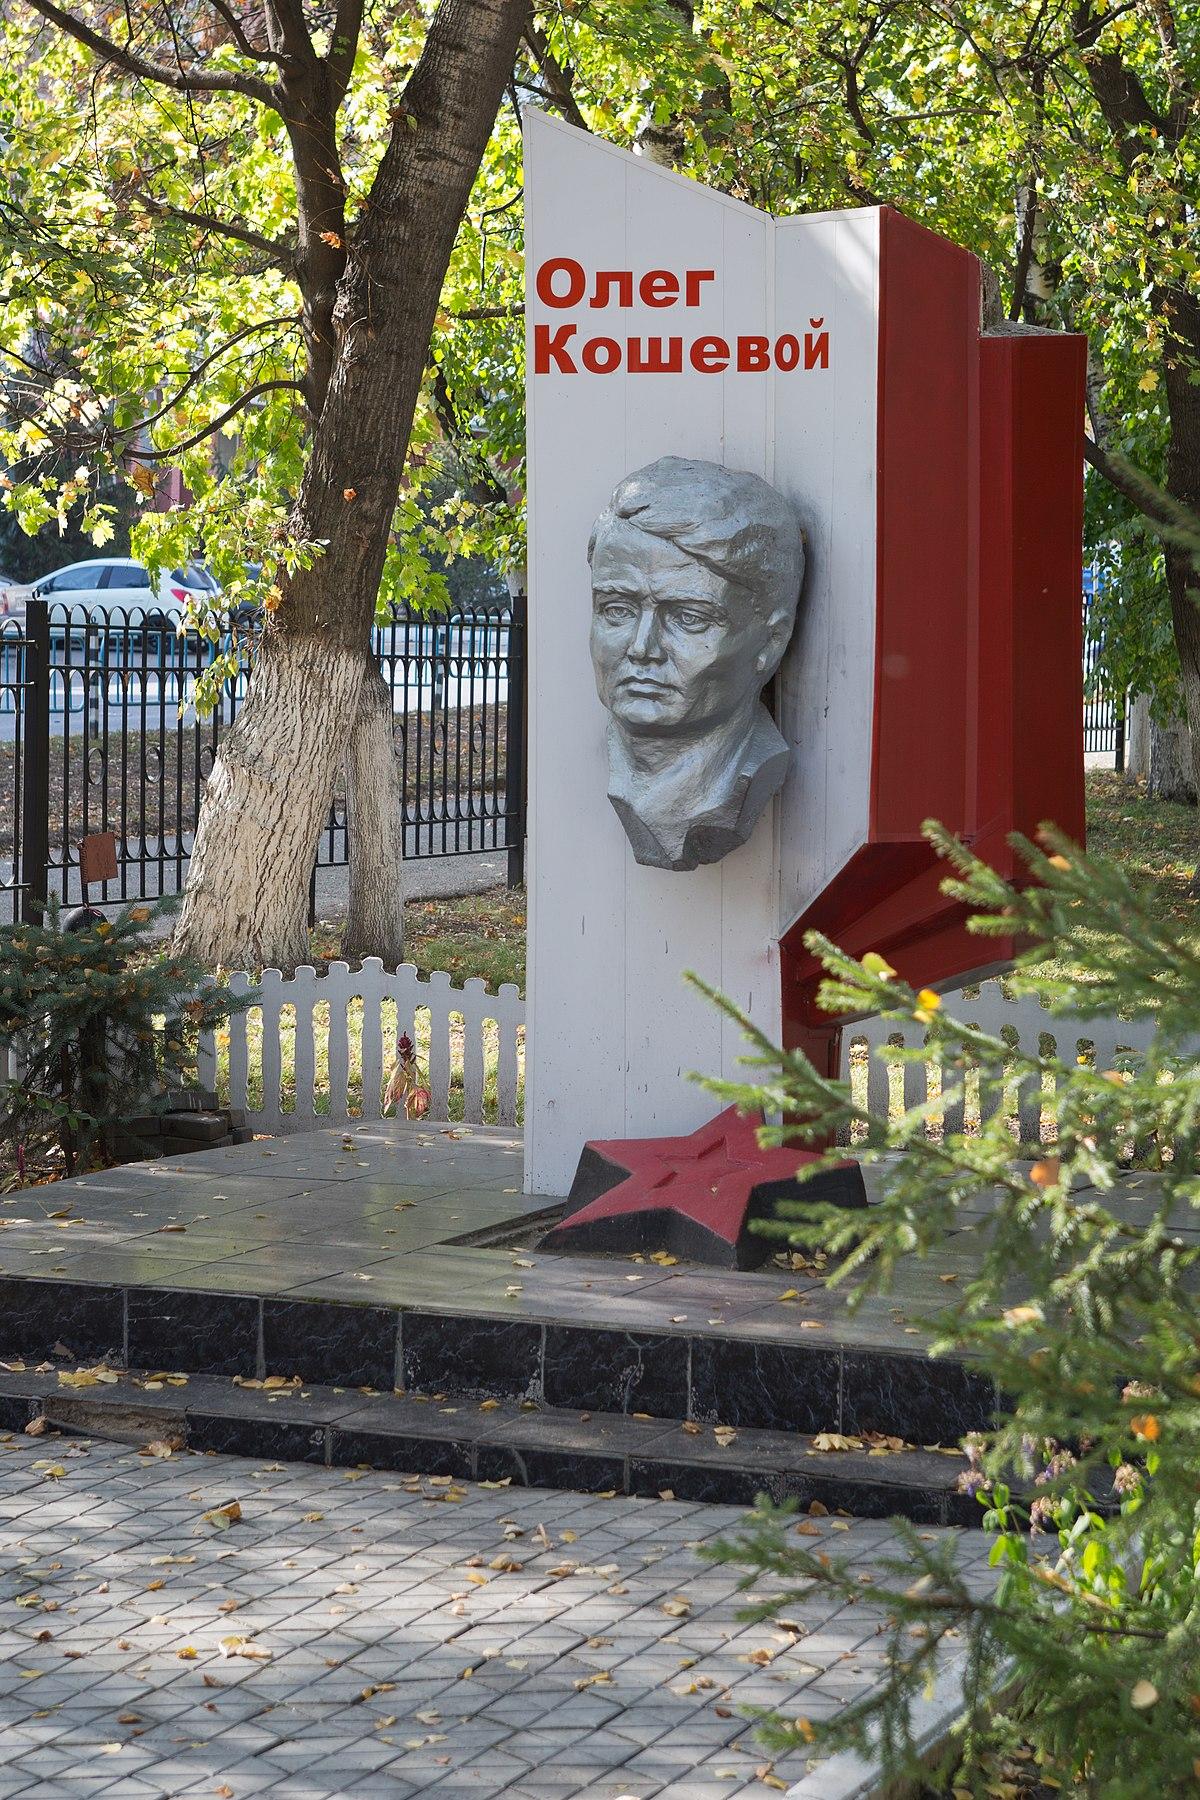 Файл:Памятник Олегу Кошевому в Саранске.jpg — Путеводитель Викигид  Wikivoyage